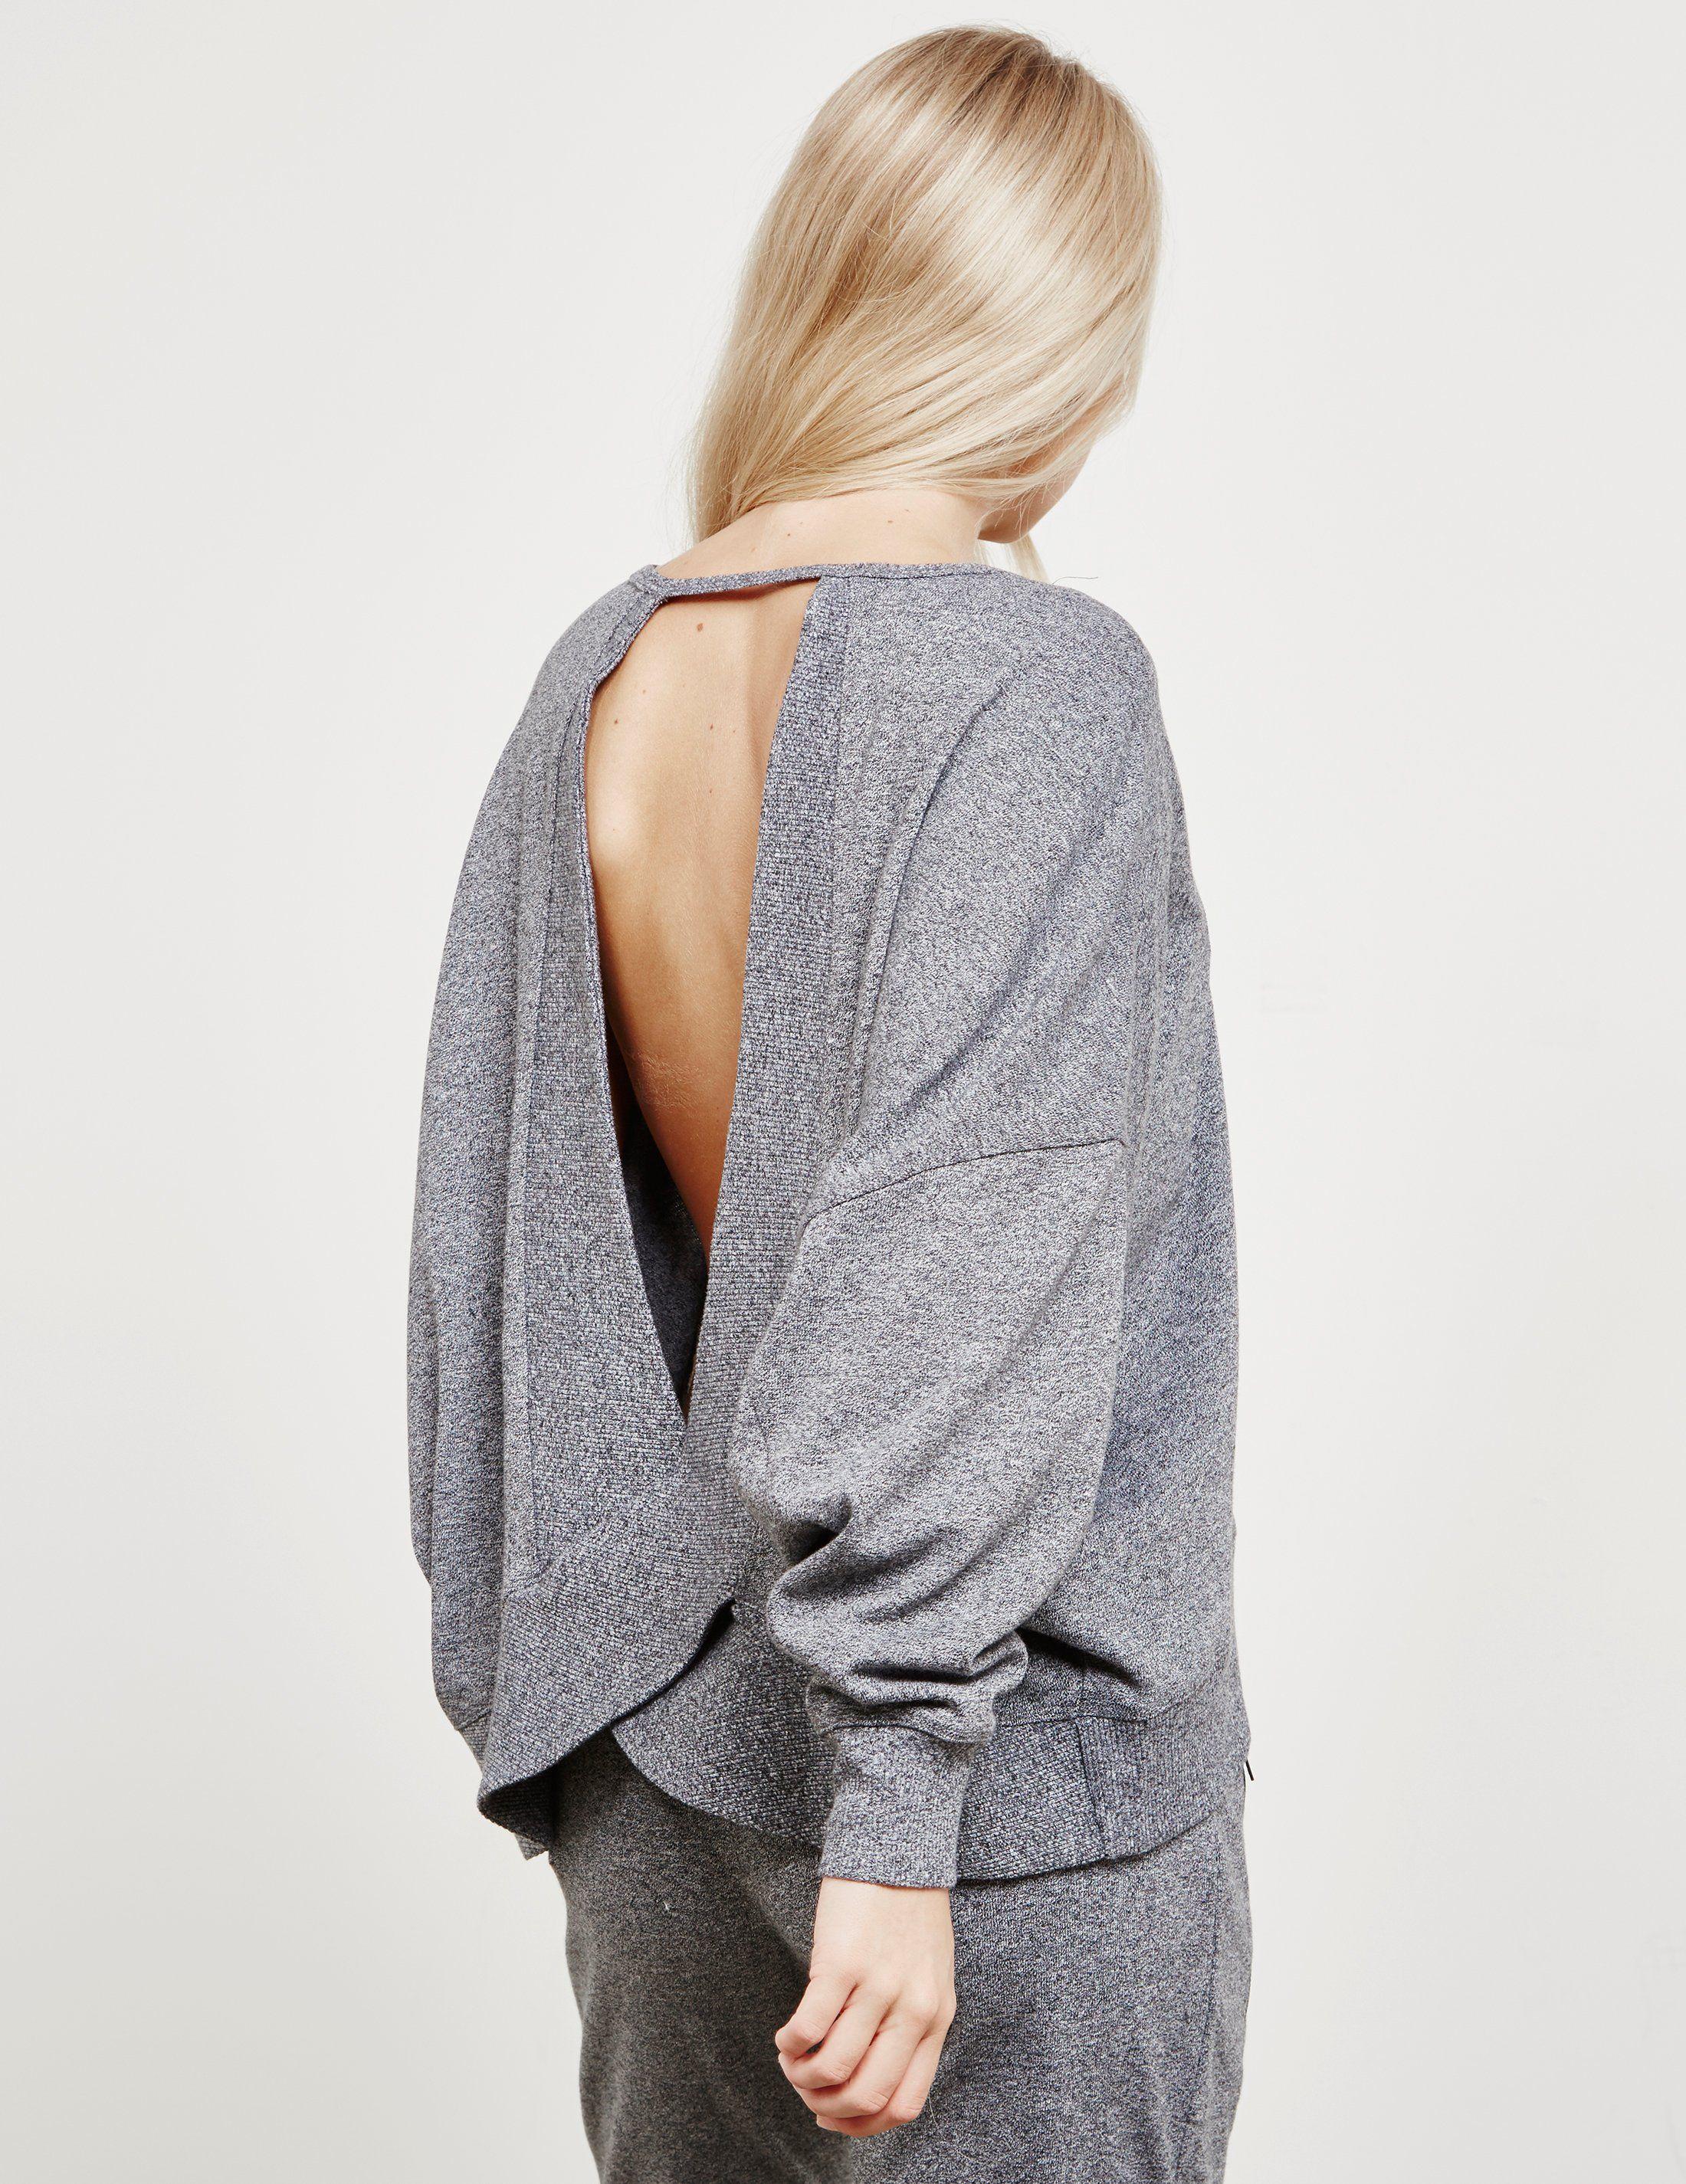 DKNY Open Back Sweatshirt